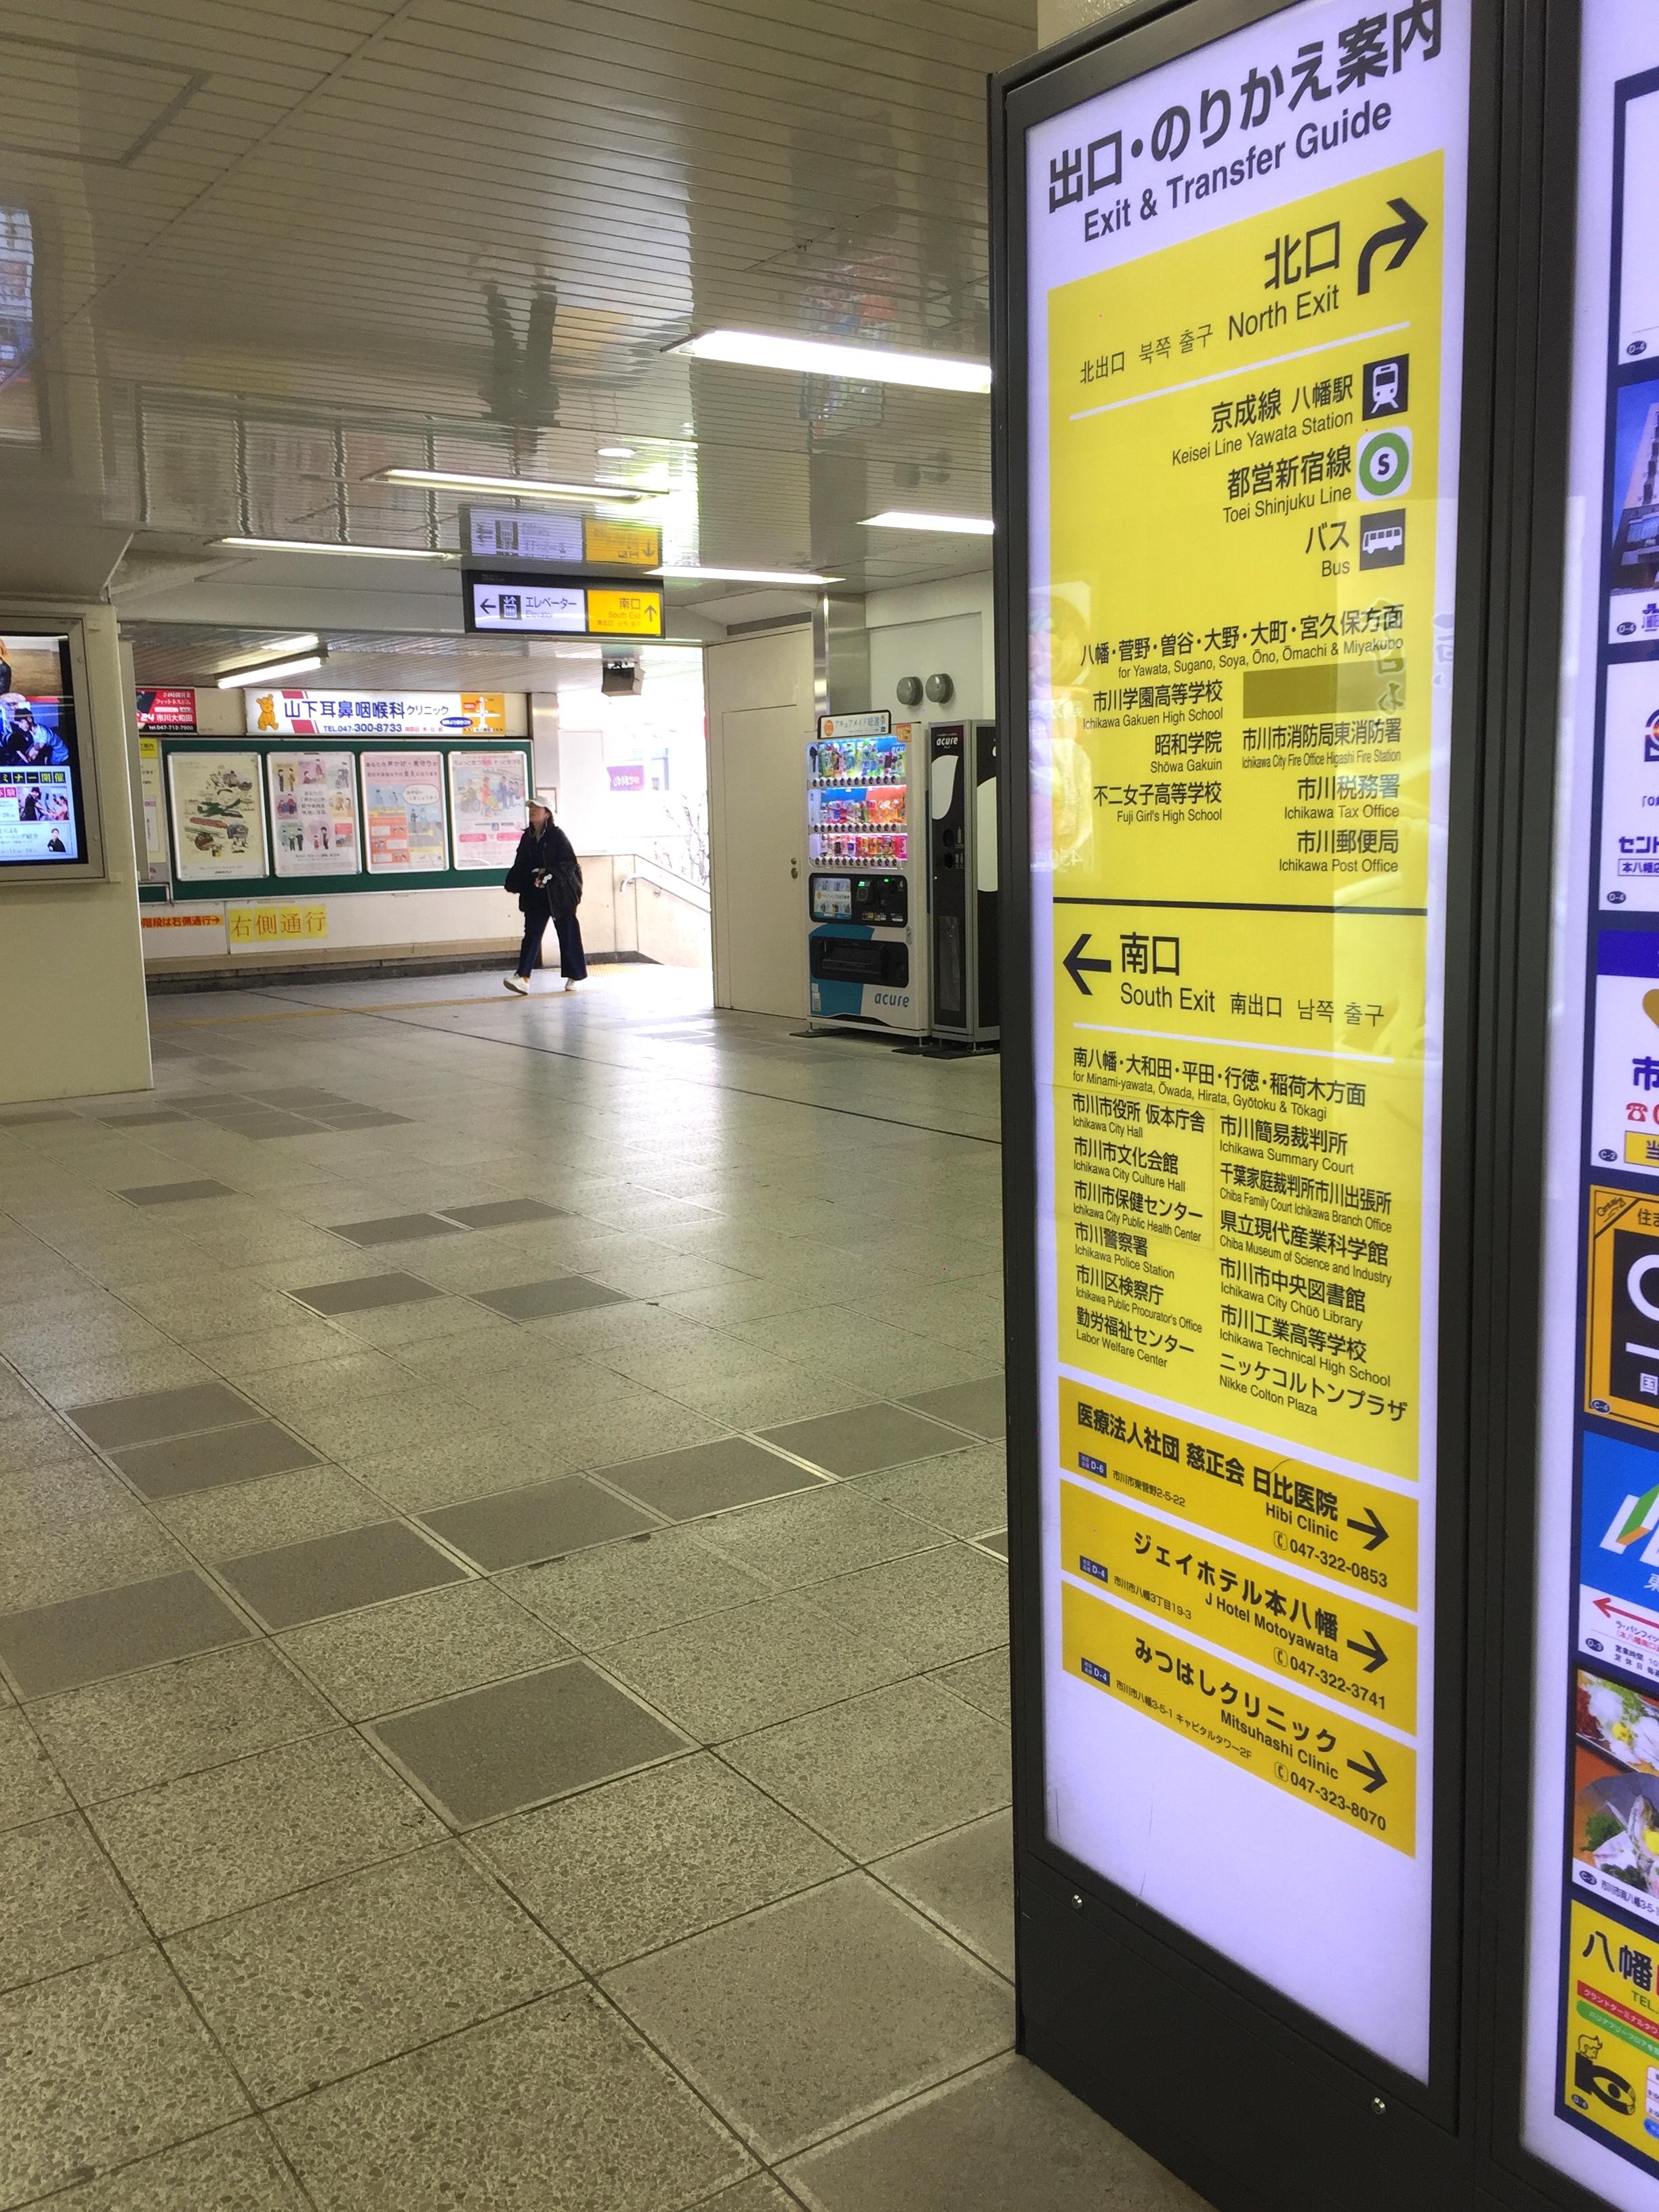 就労移行支援事業所リバーサル 本八幡のアクセス写真